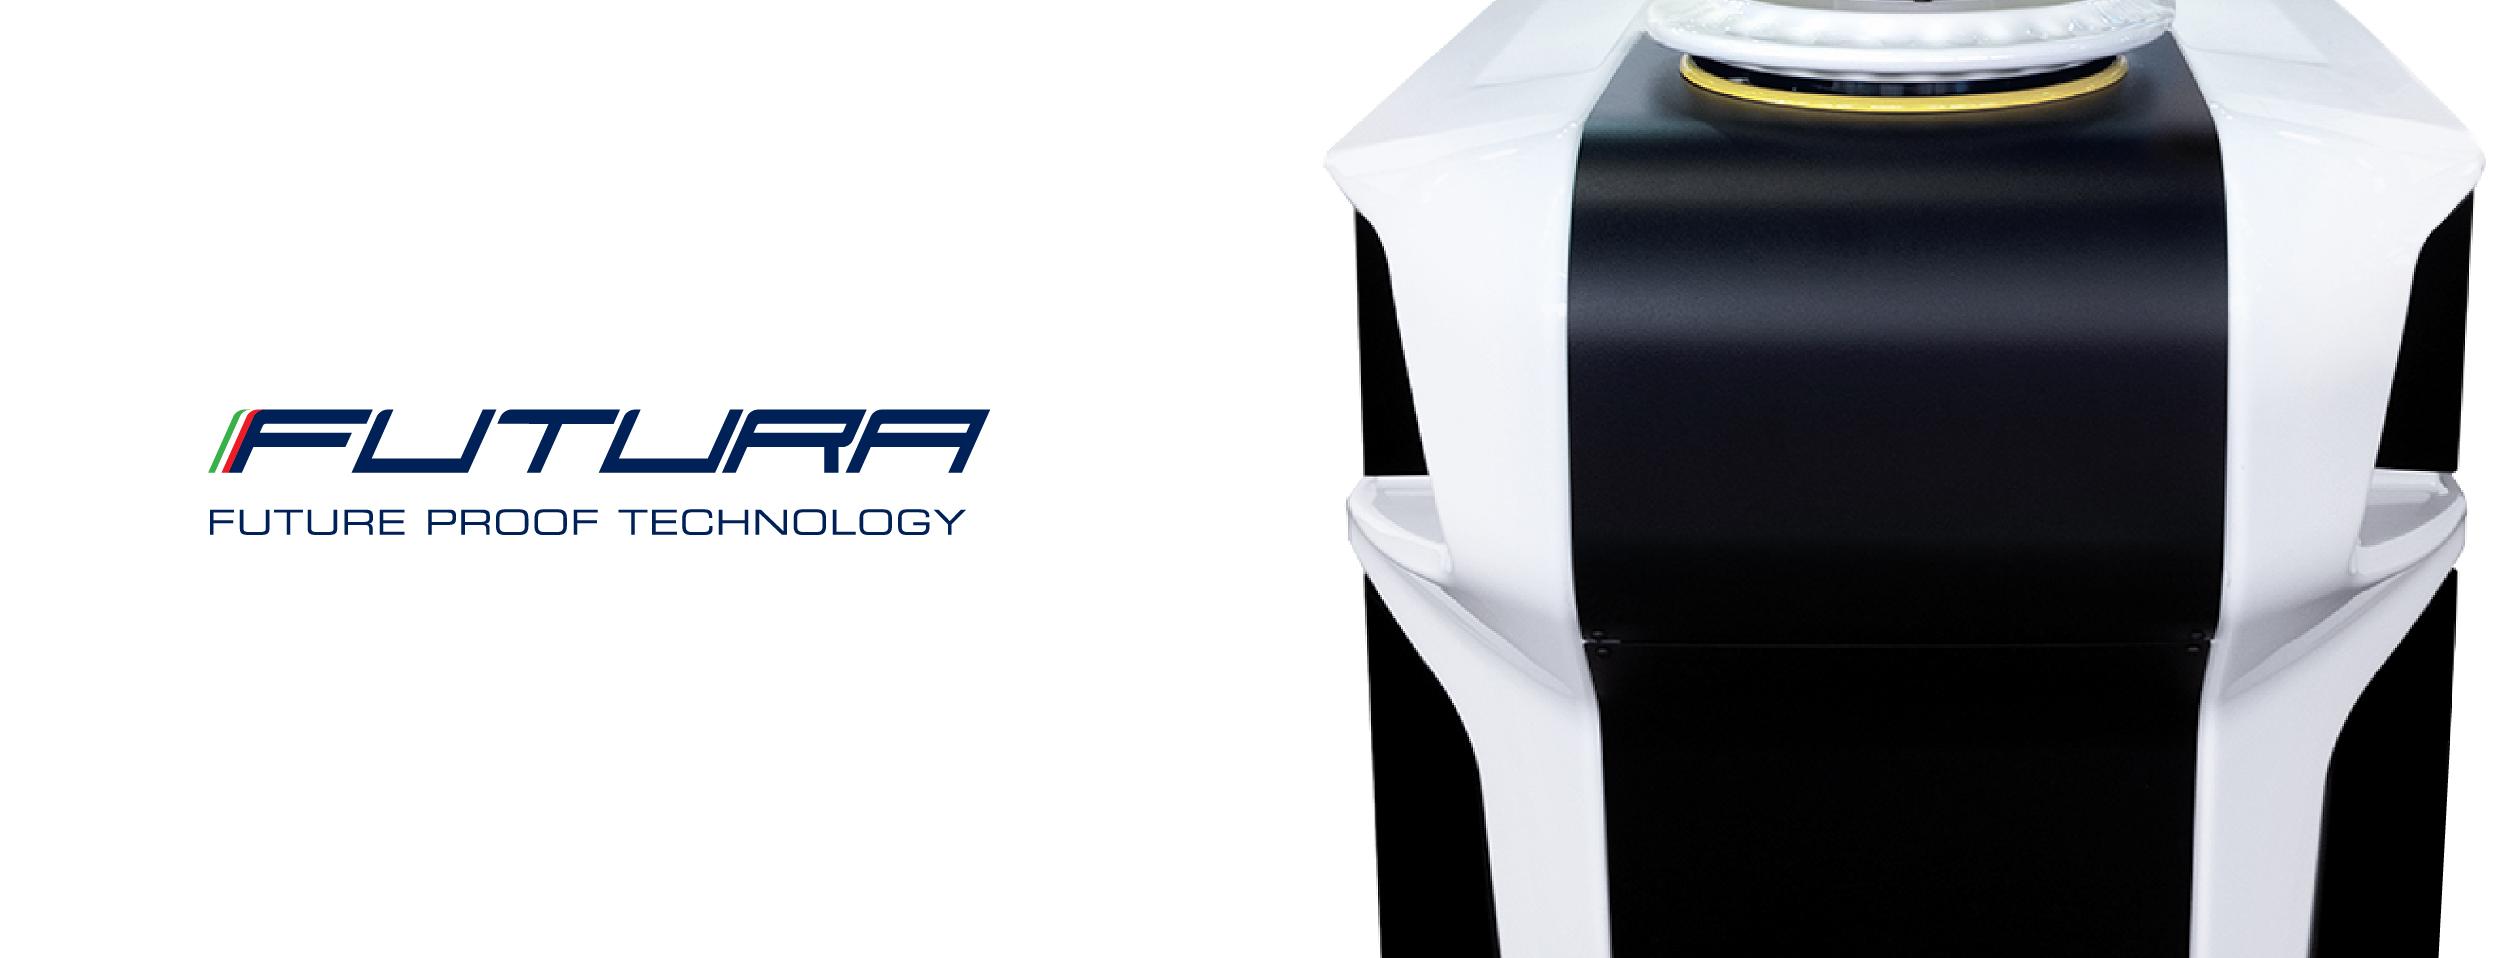 Speroni • Precision by Design